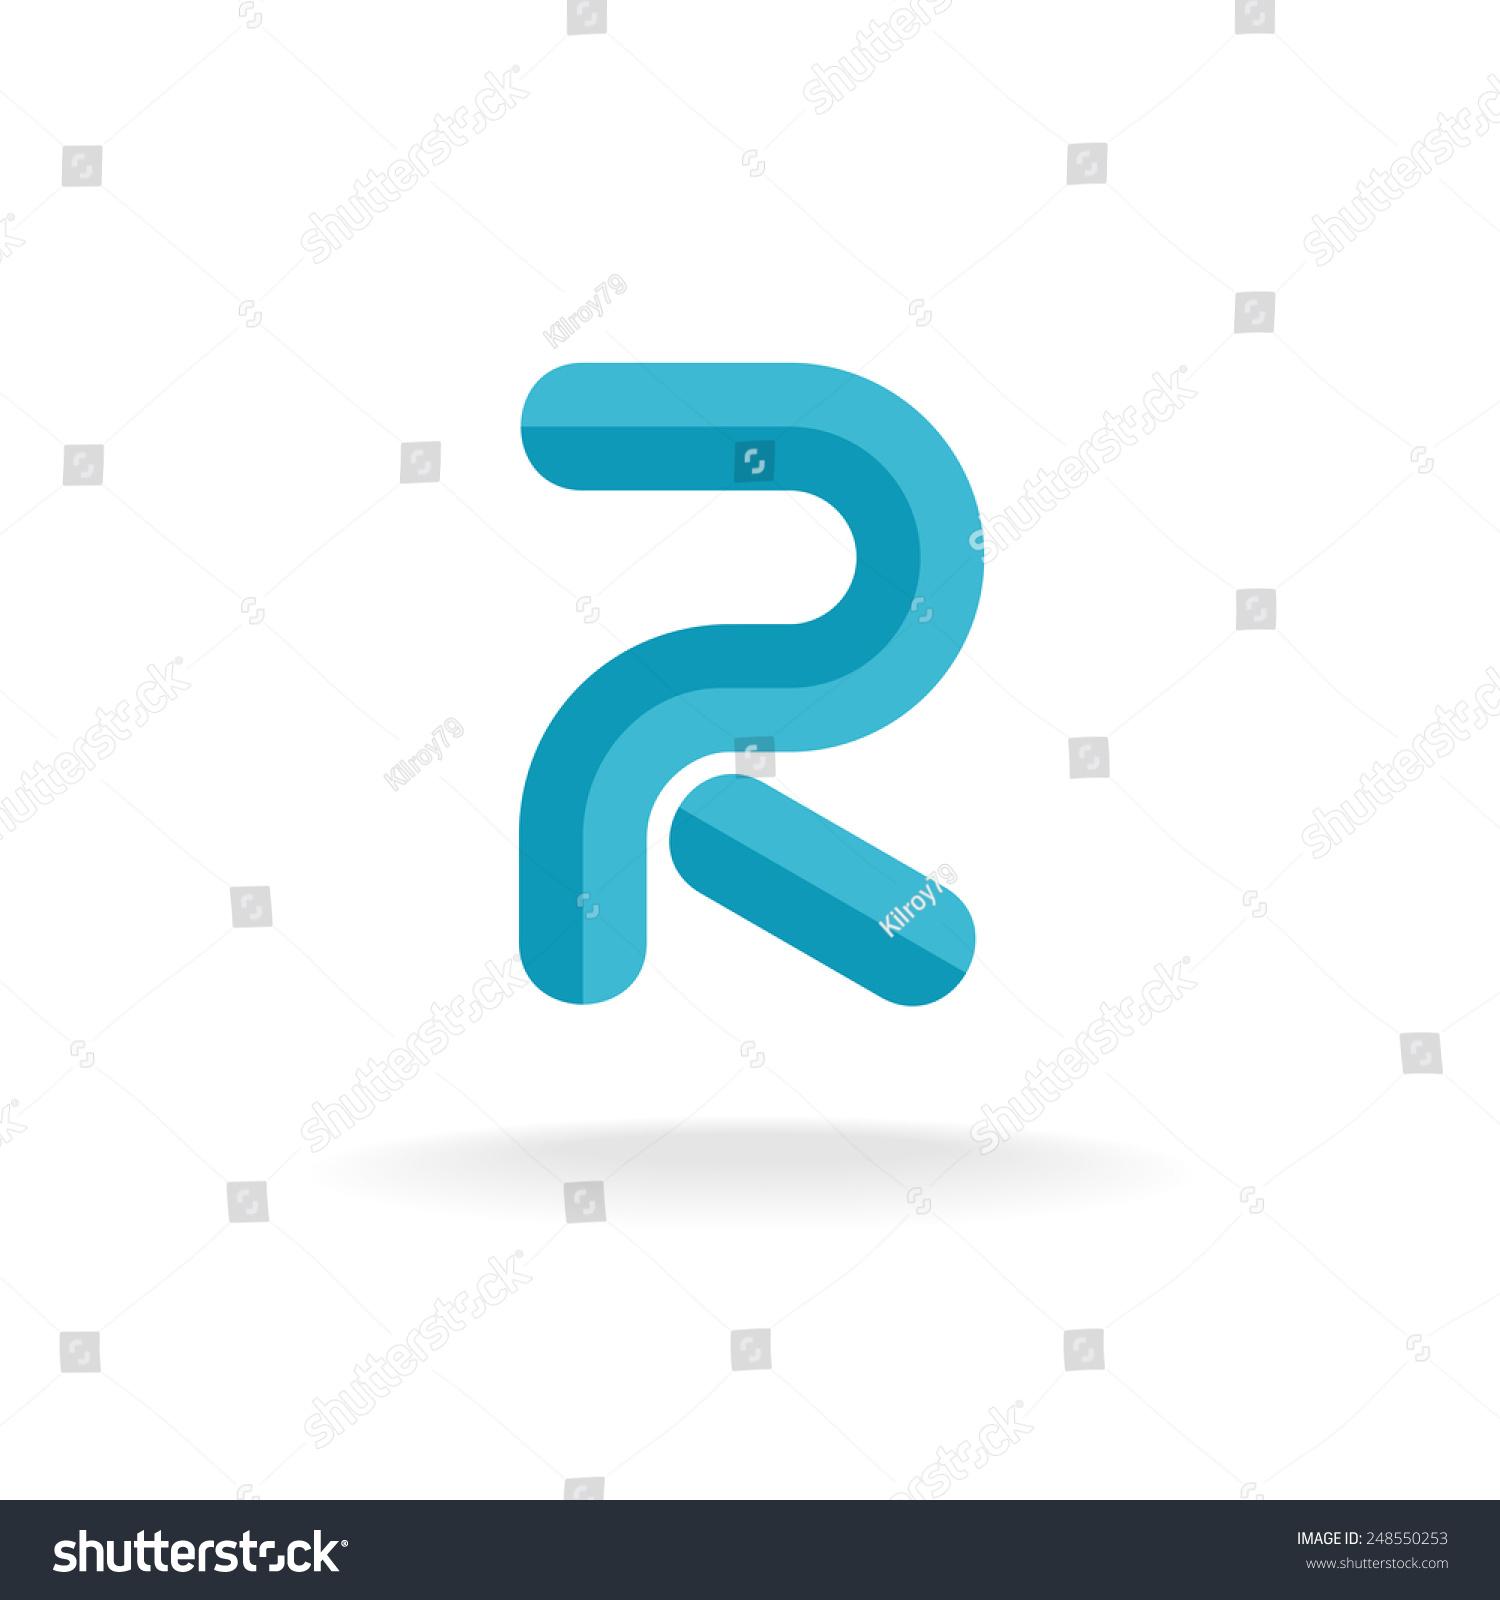 Letter R Logo Flat Bevel Technical Style